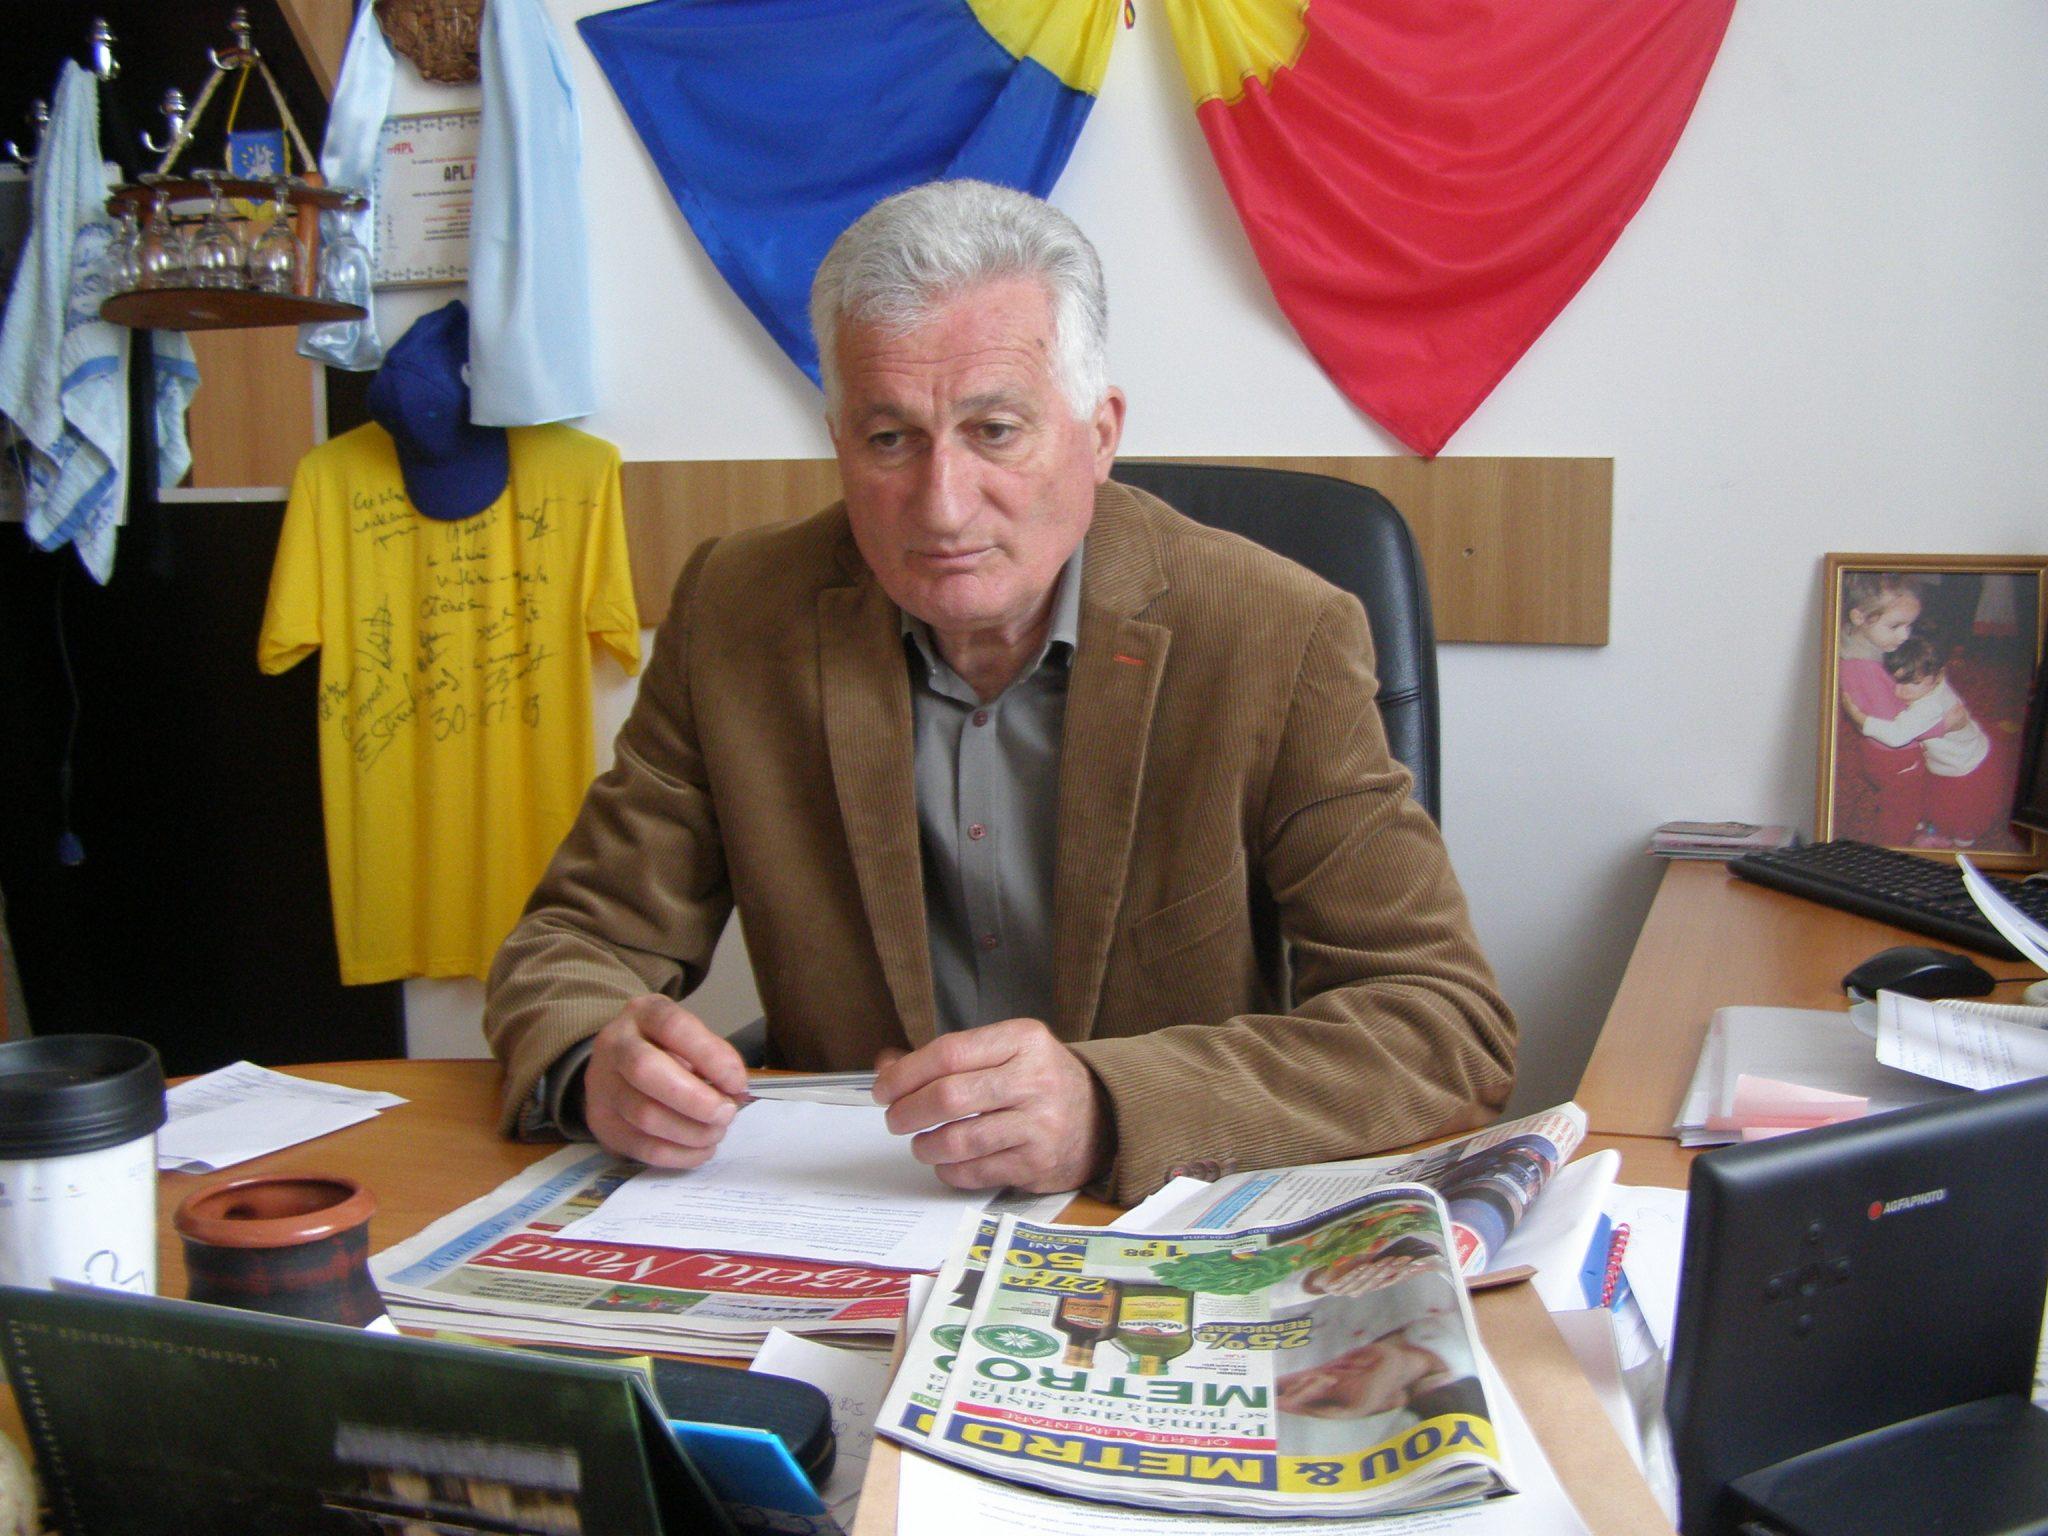 Fostul primar din Osica de Sus, Ion Ciocan, cercetat penal pentru ucidere din culpă